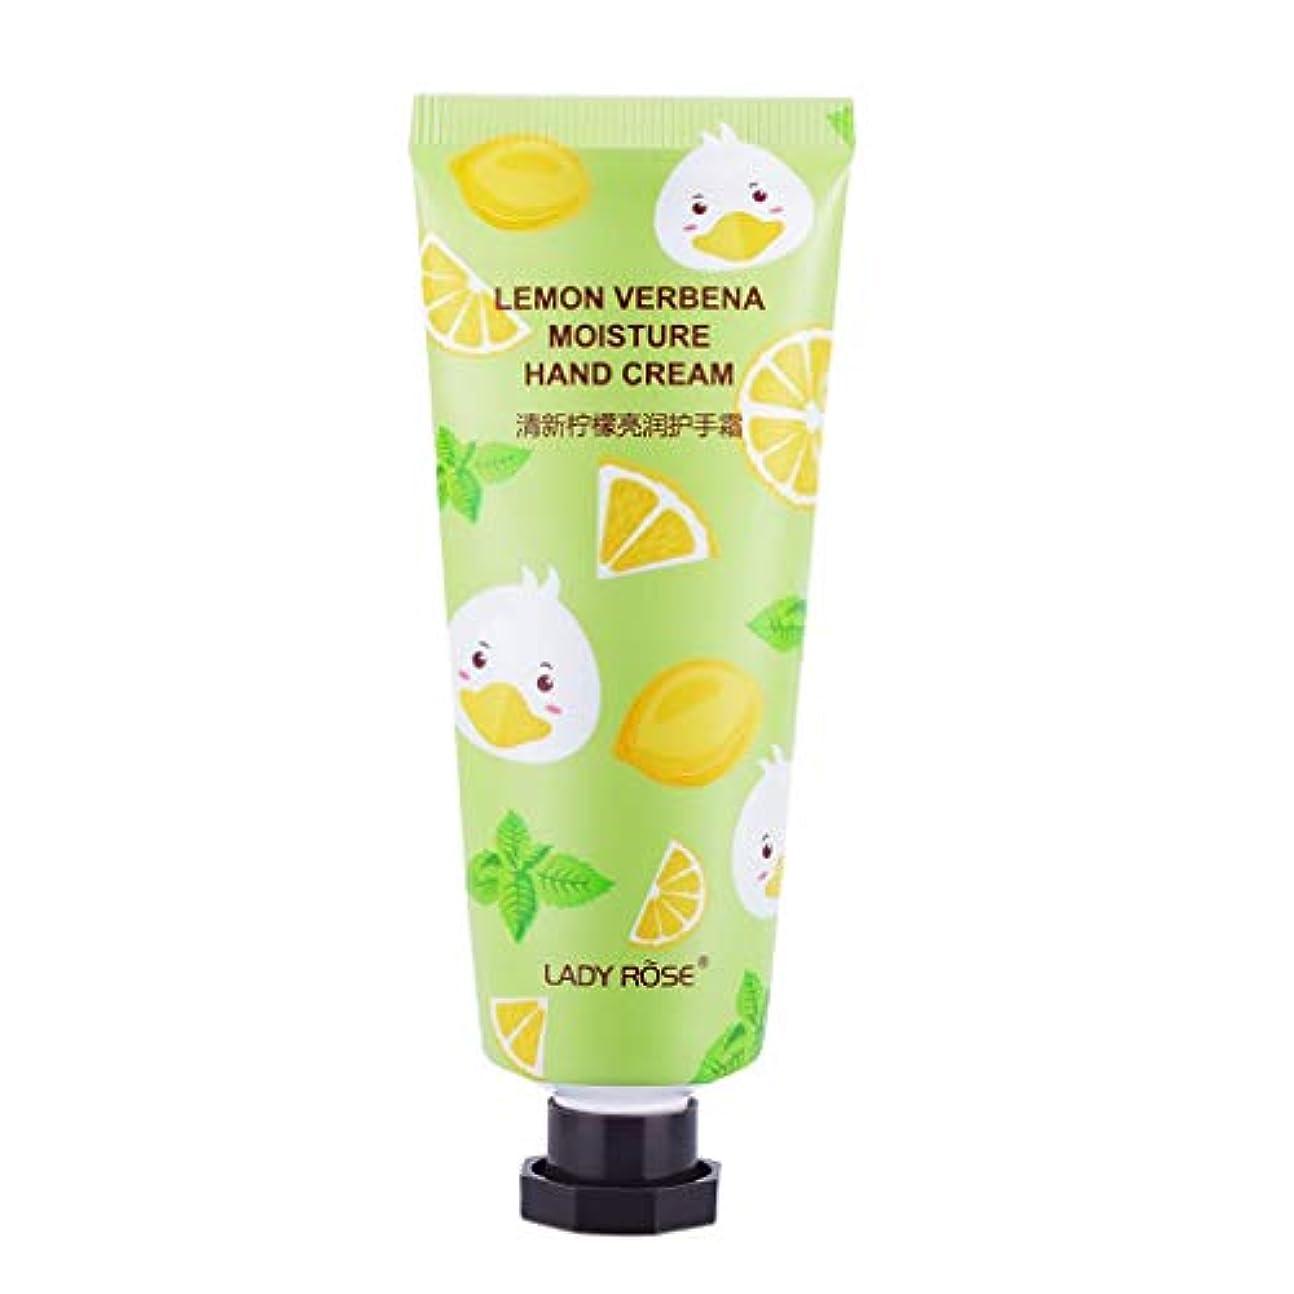 住人成功待ってF Fityle ハンドクリーム 乾燥対策 潤い スキンケア 可愛い 香り 保湿クリーム ローション 3タイプ選べ - レモン